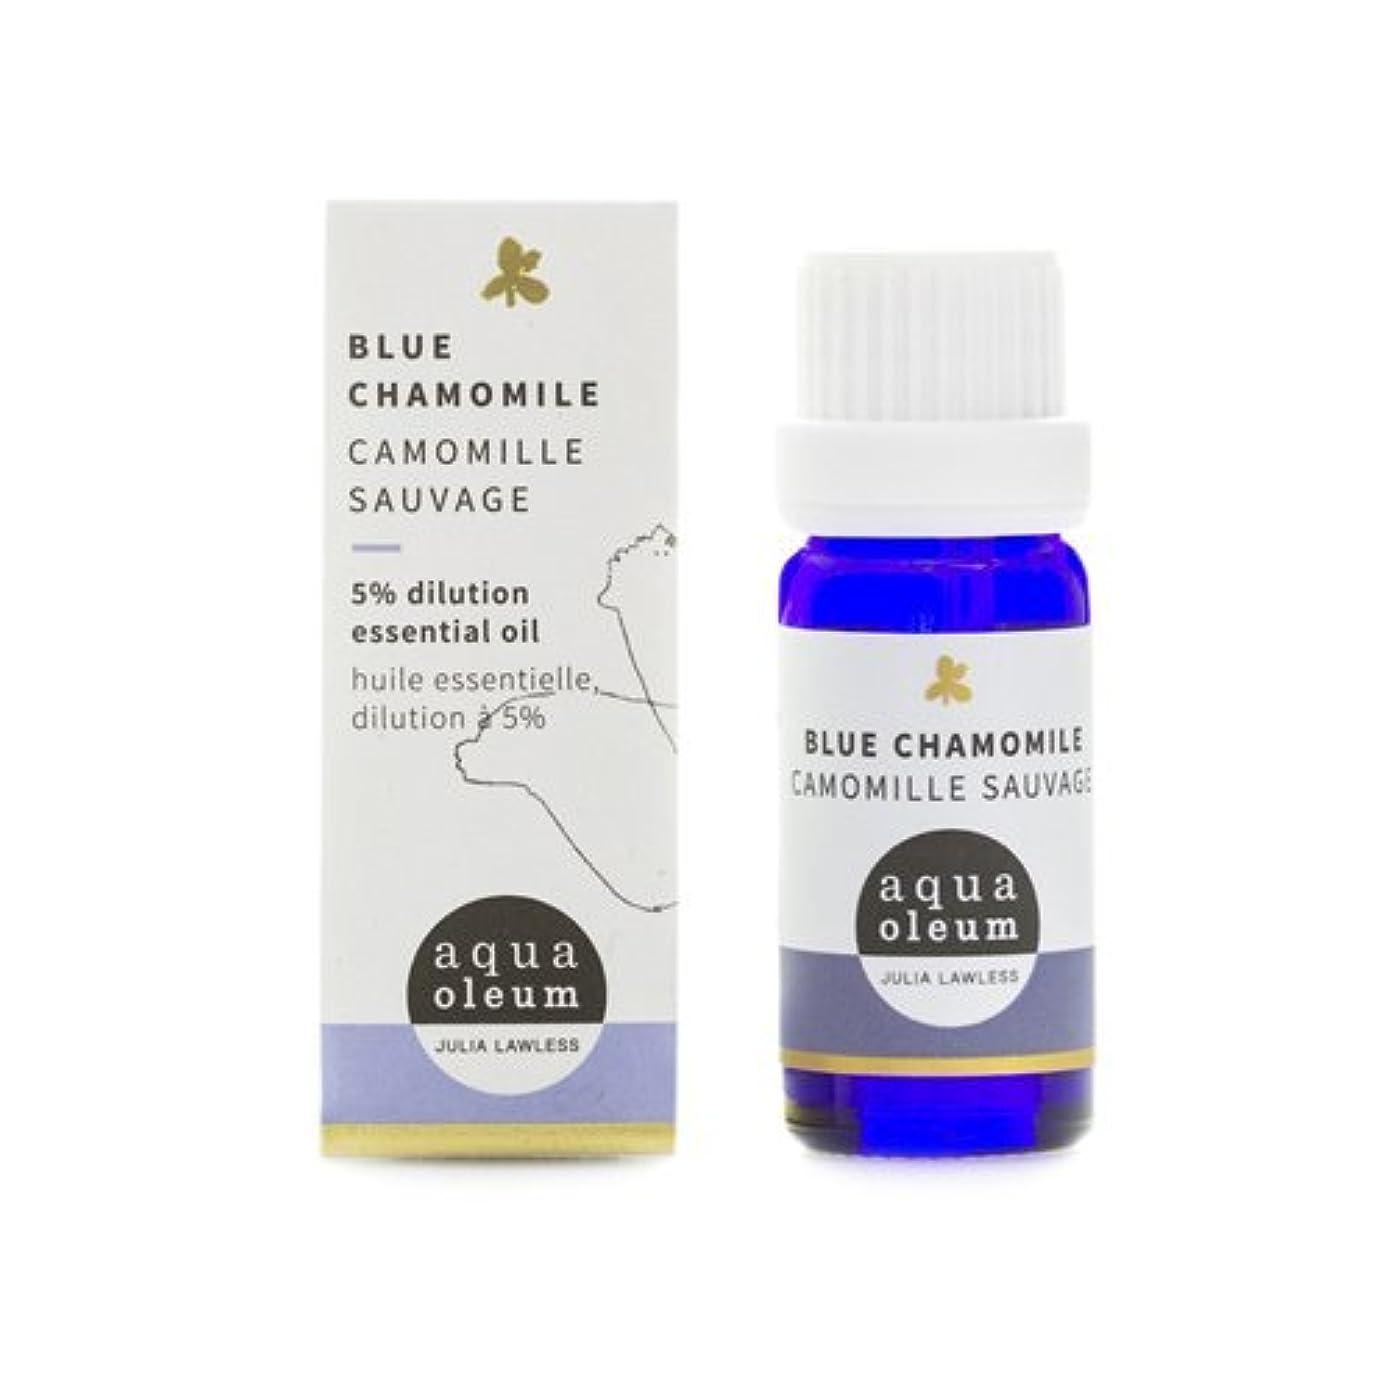 マント喉が渇いた選ぶアクアオレウム ブレンドオイル  ジャーマンカモミール 5%ココナッツオイル希釈  10ml(精油)